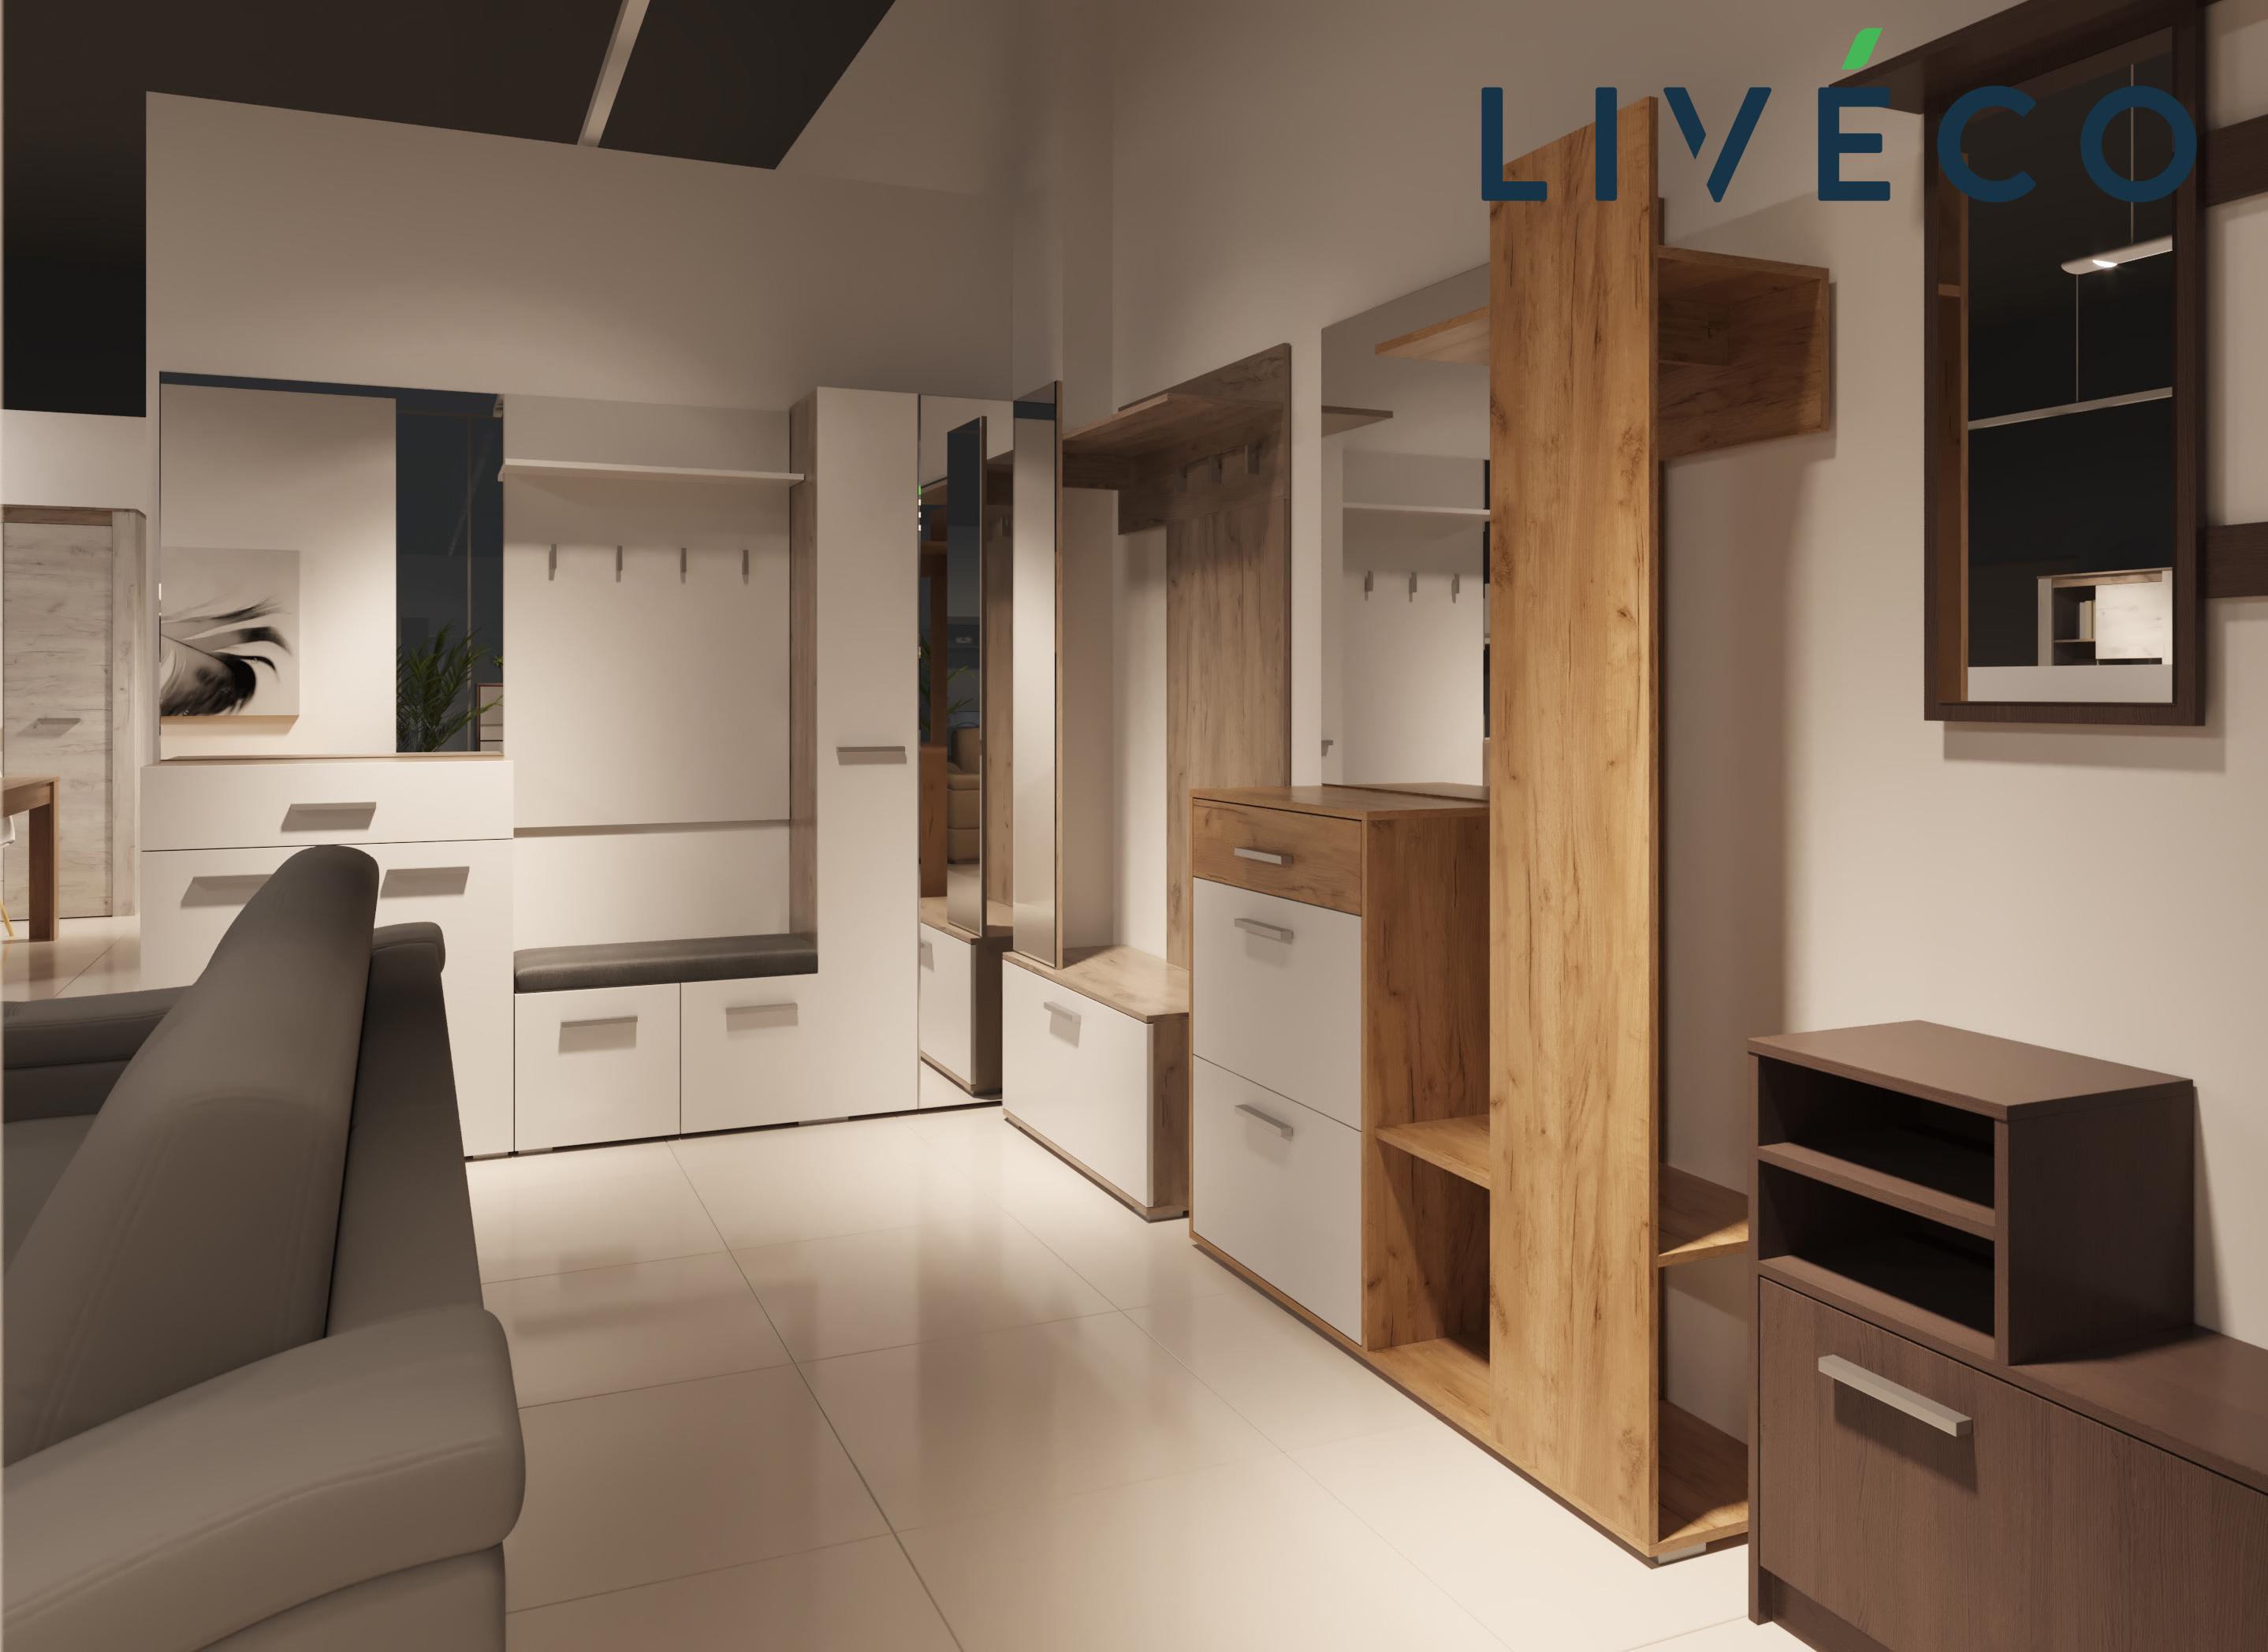 Приглашаем на открытие мебельного магазина нового бренда LIVECO